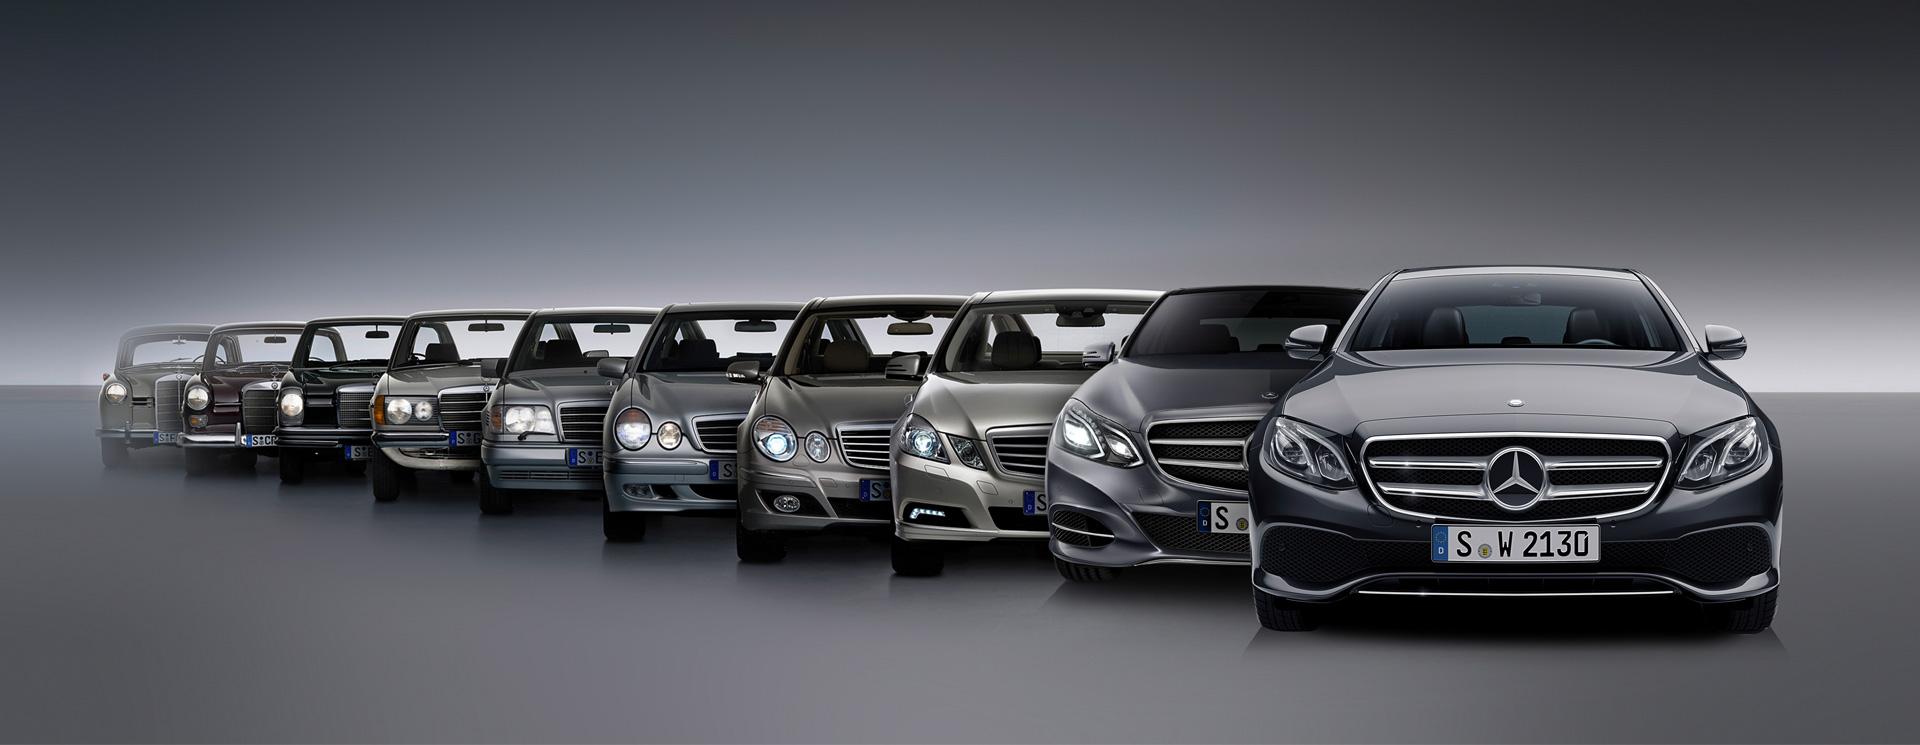 Почему машины становятся одинаковыми. Фото 5